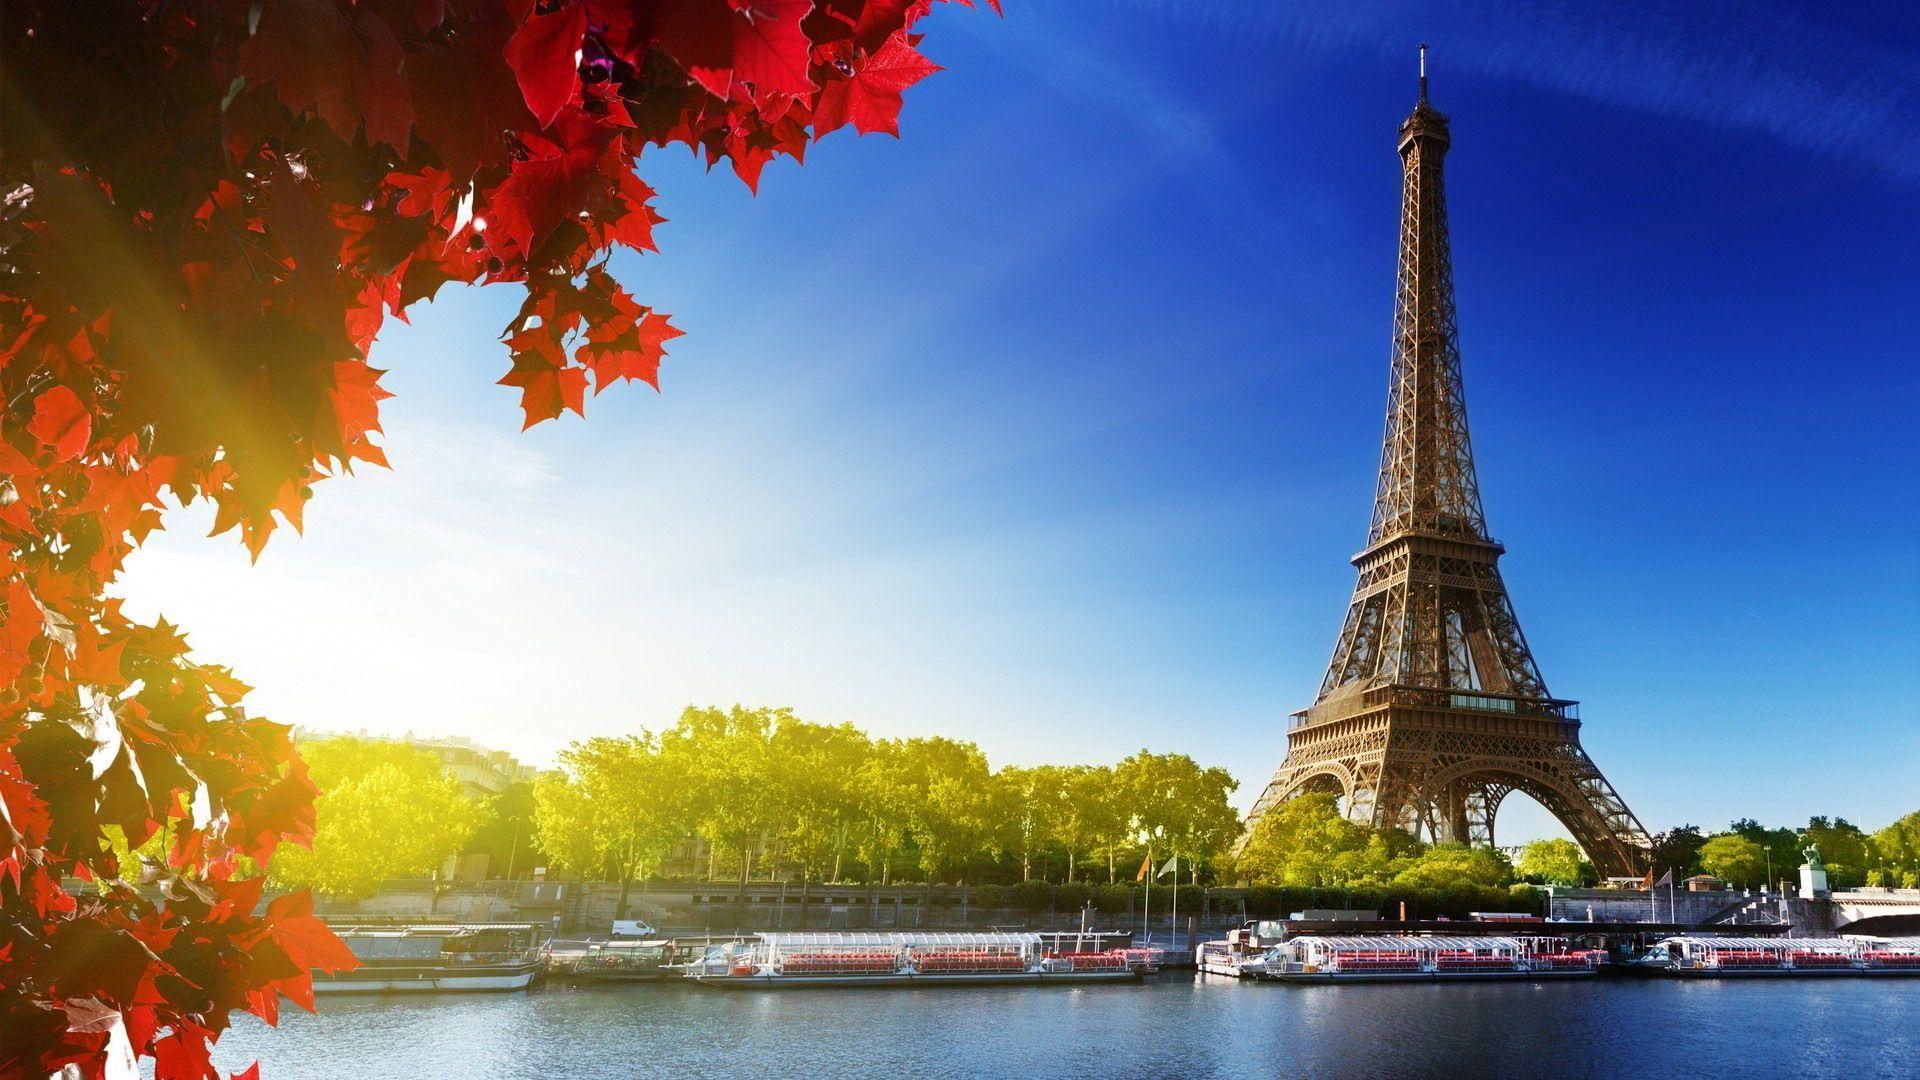 Co Francja może zaoferować Polakom? Sprawdź koniecznie dlaczego warto pracować we Francji!